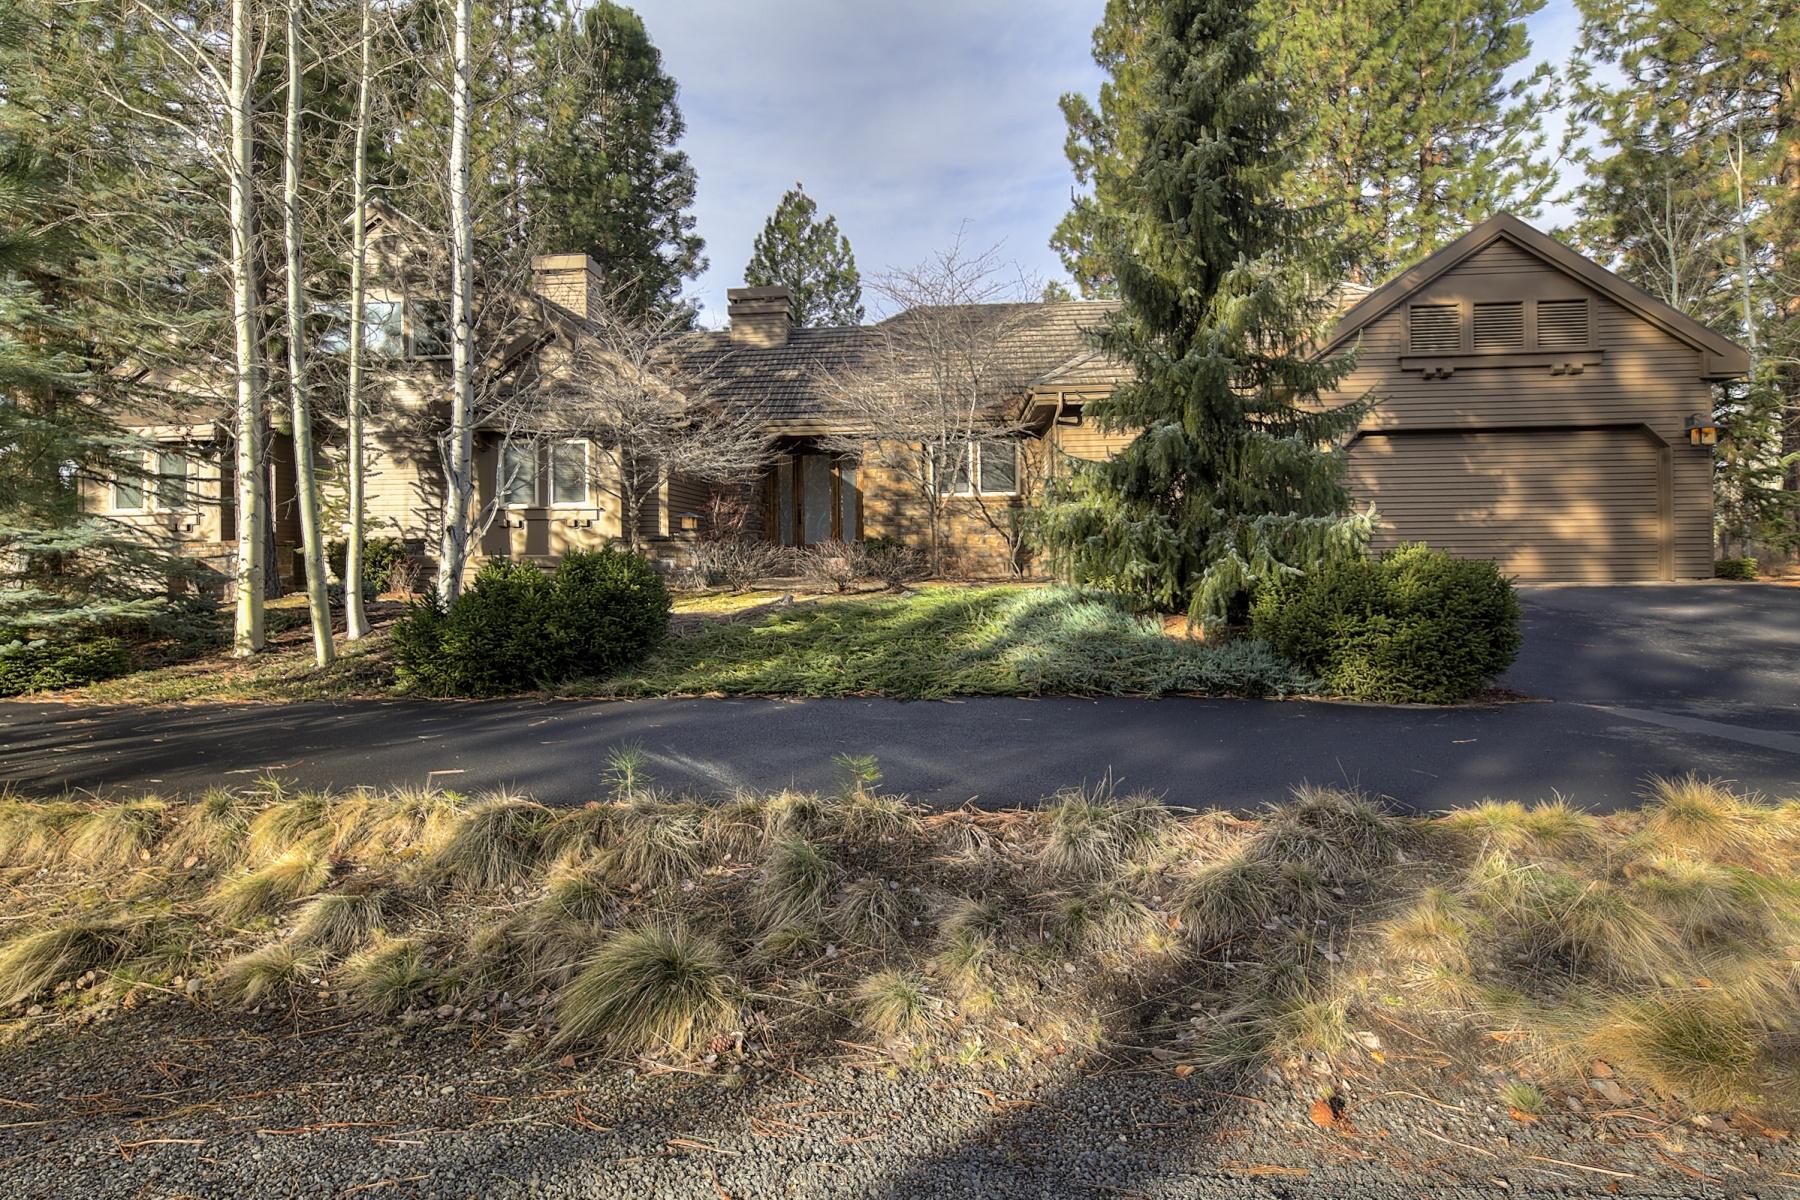 Tek Ailelik Ev için Satış at Broken Top 61355 Tam McArthur Loop Bend, Oregon 97702 Amerika Birleşik Devletleri